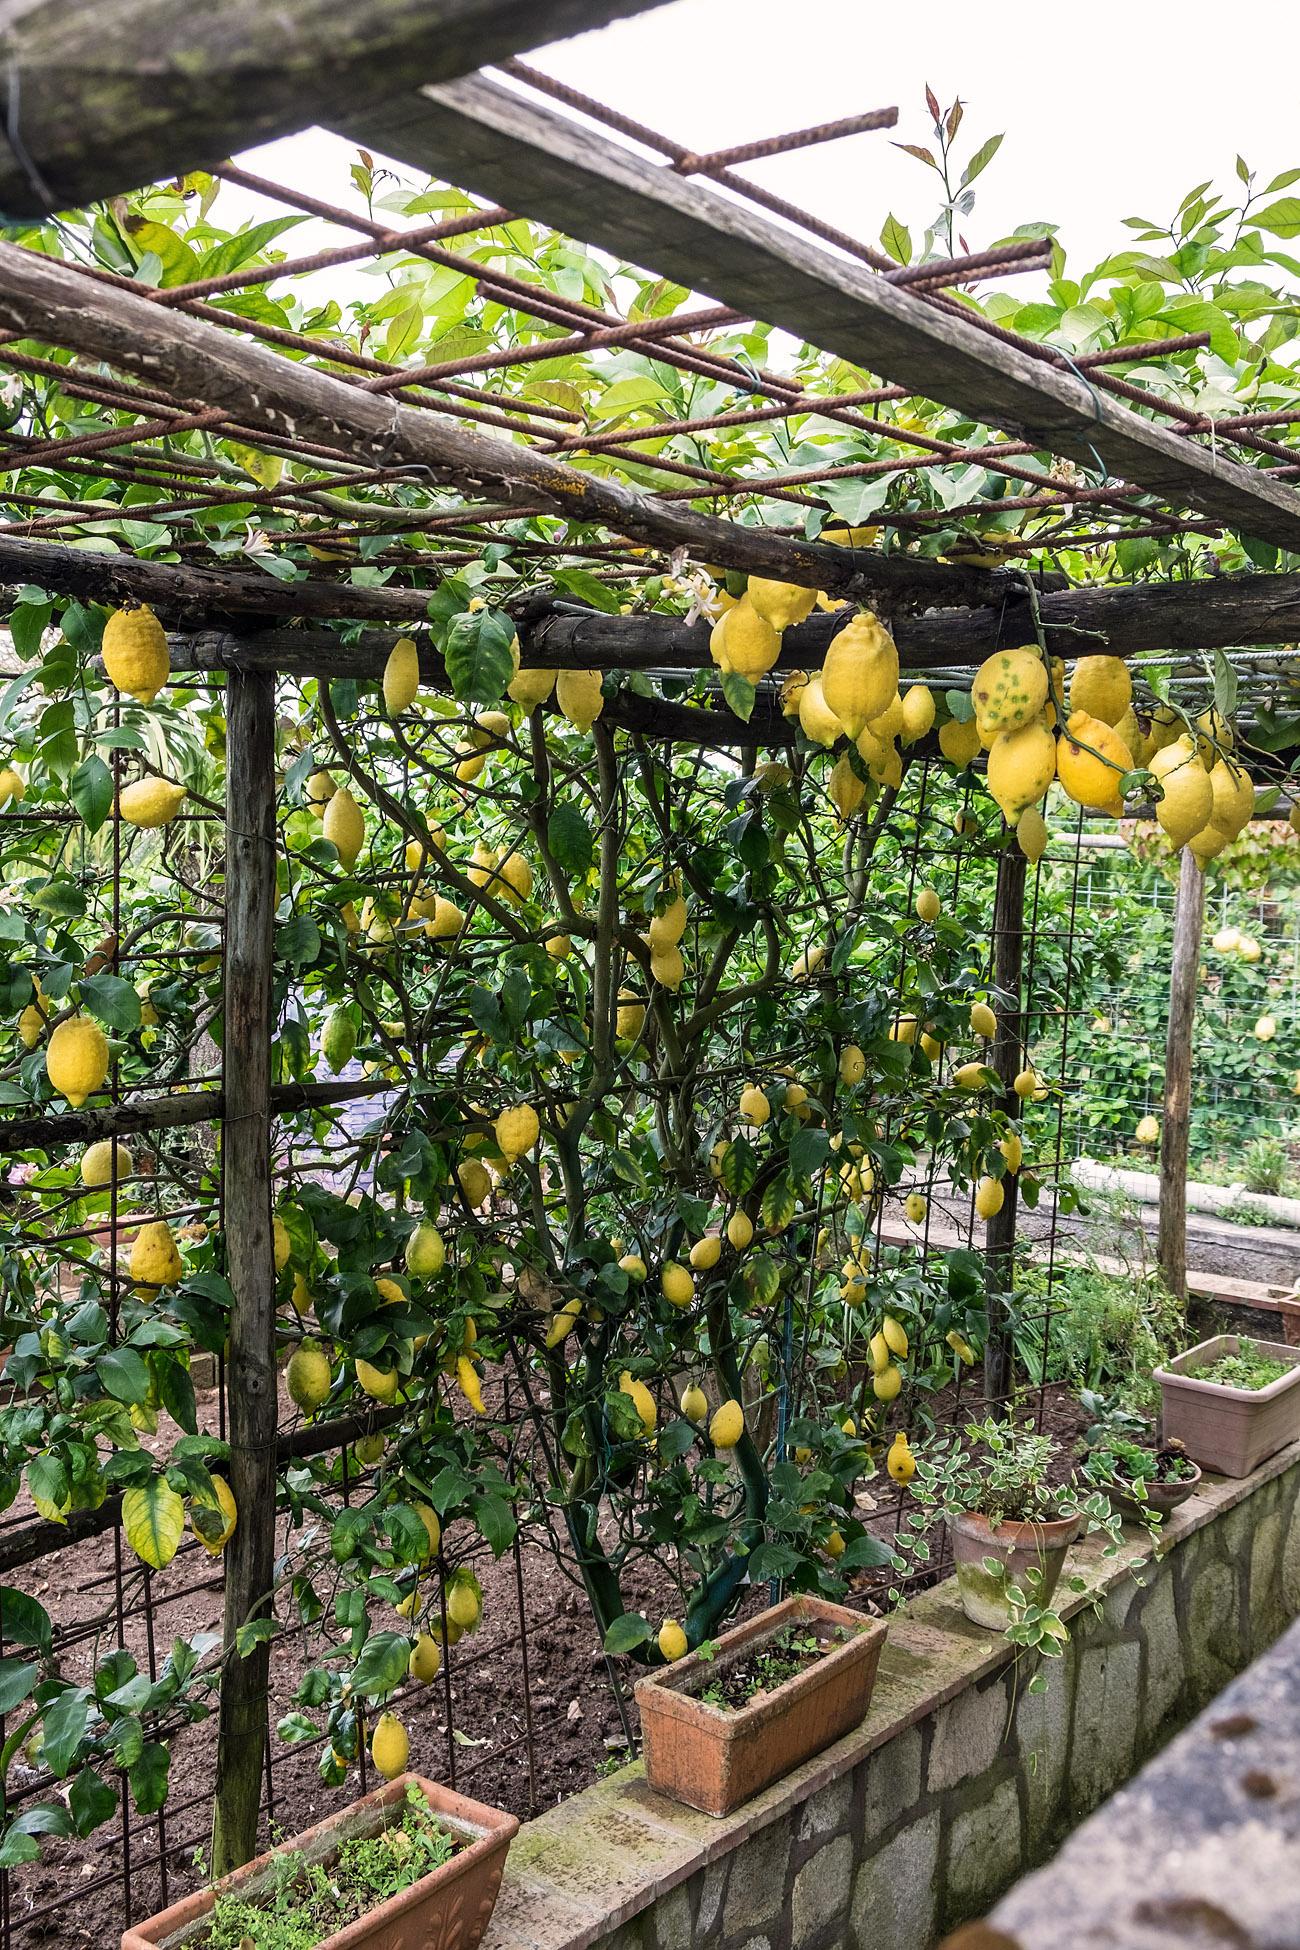 Fotoblogg om diy   inredning, mat och trädgård   anna lefvert